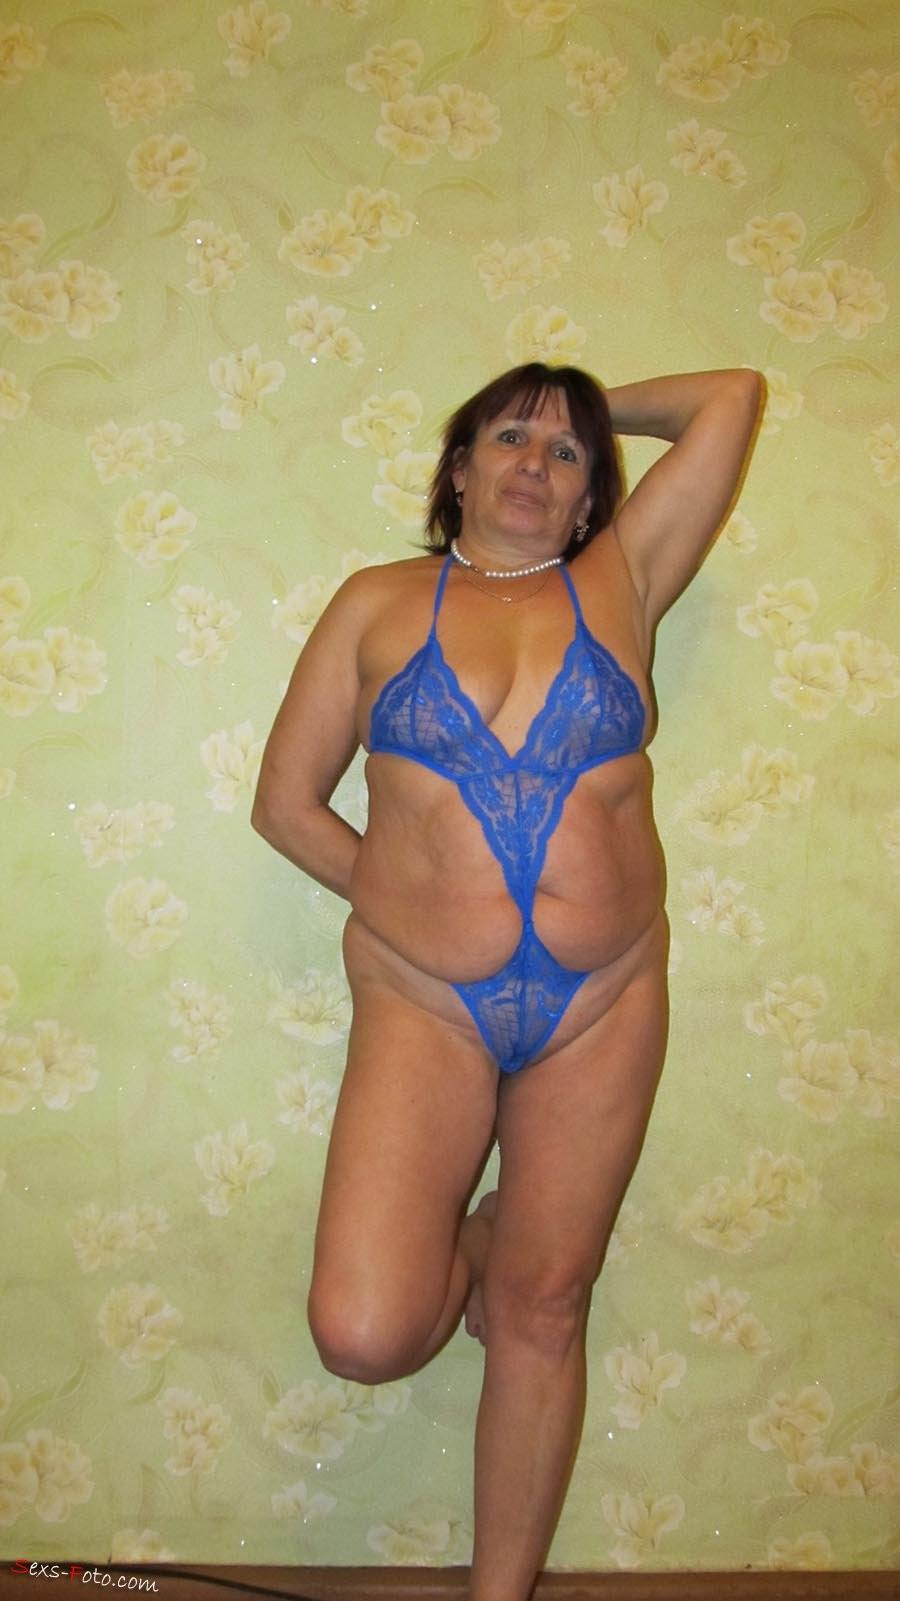 spunky swimmer naked girl – Anal